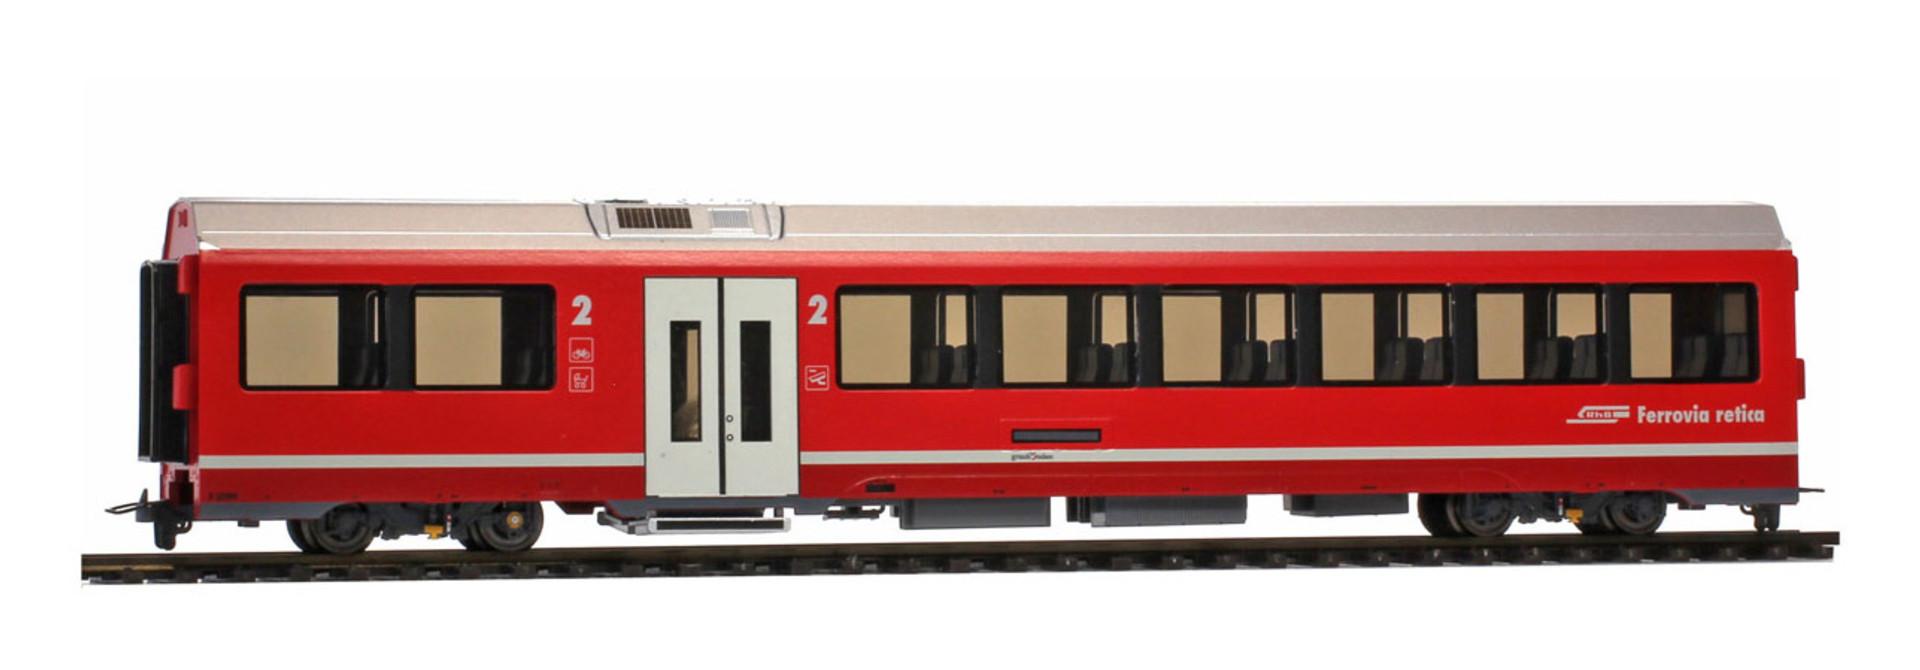 3298142 RhB B 574 01 AGZ Mittelwagen mit Innenbeleuchtung